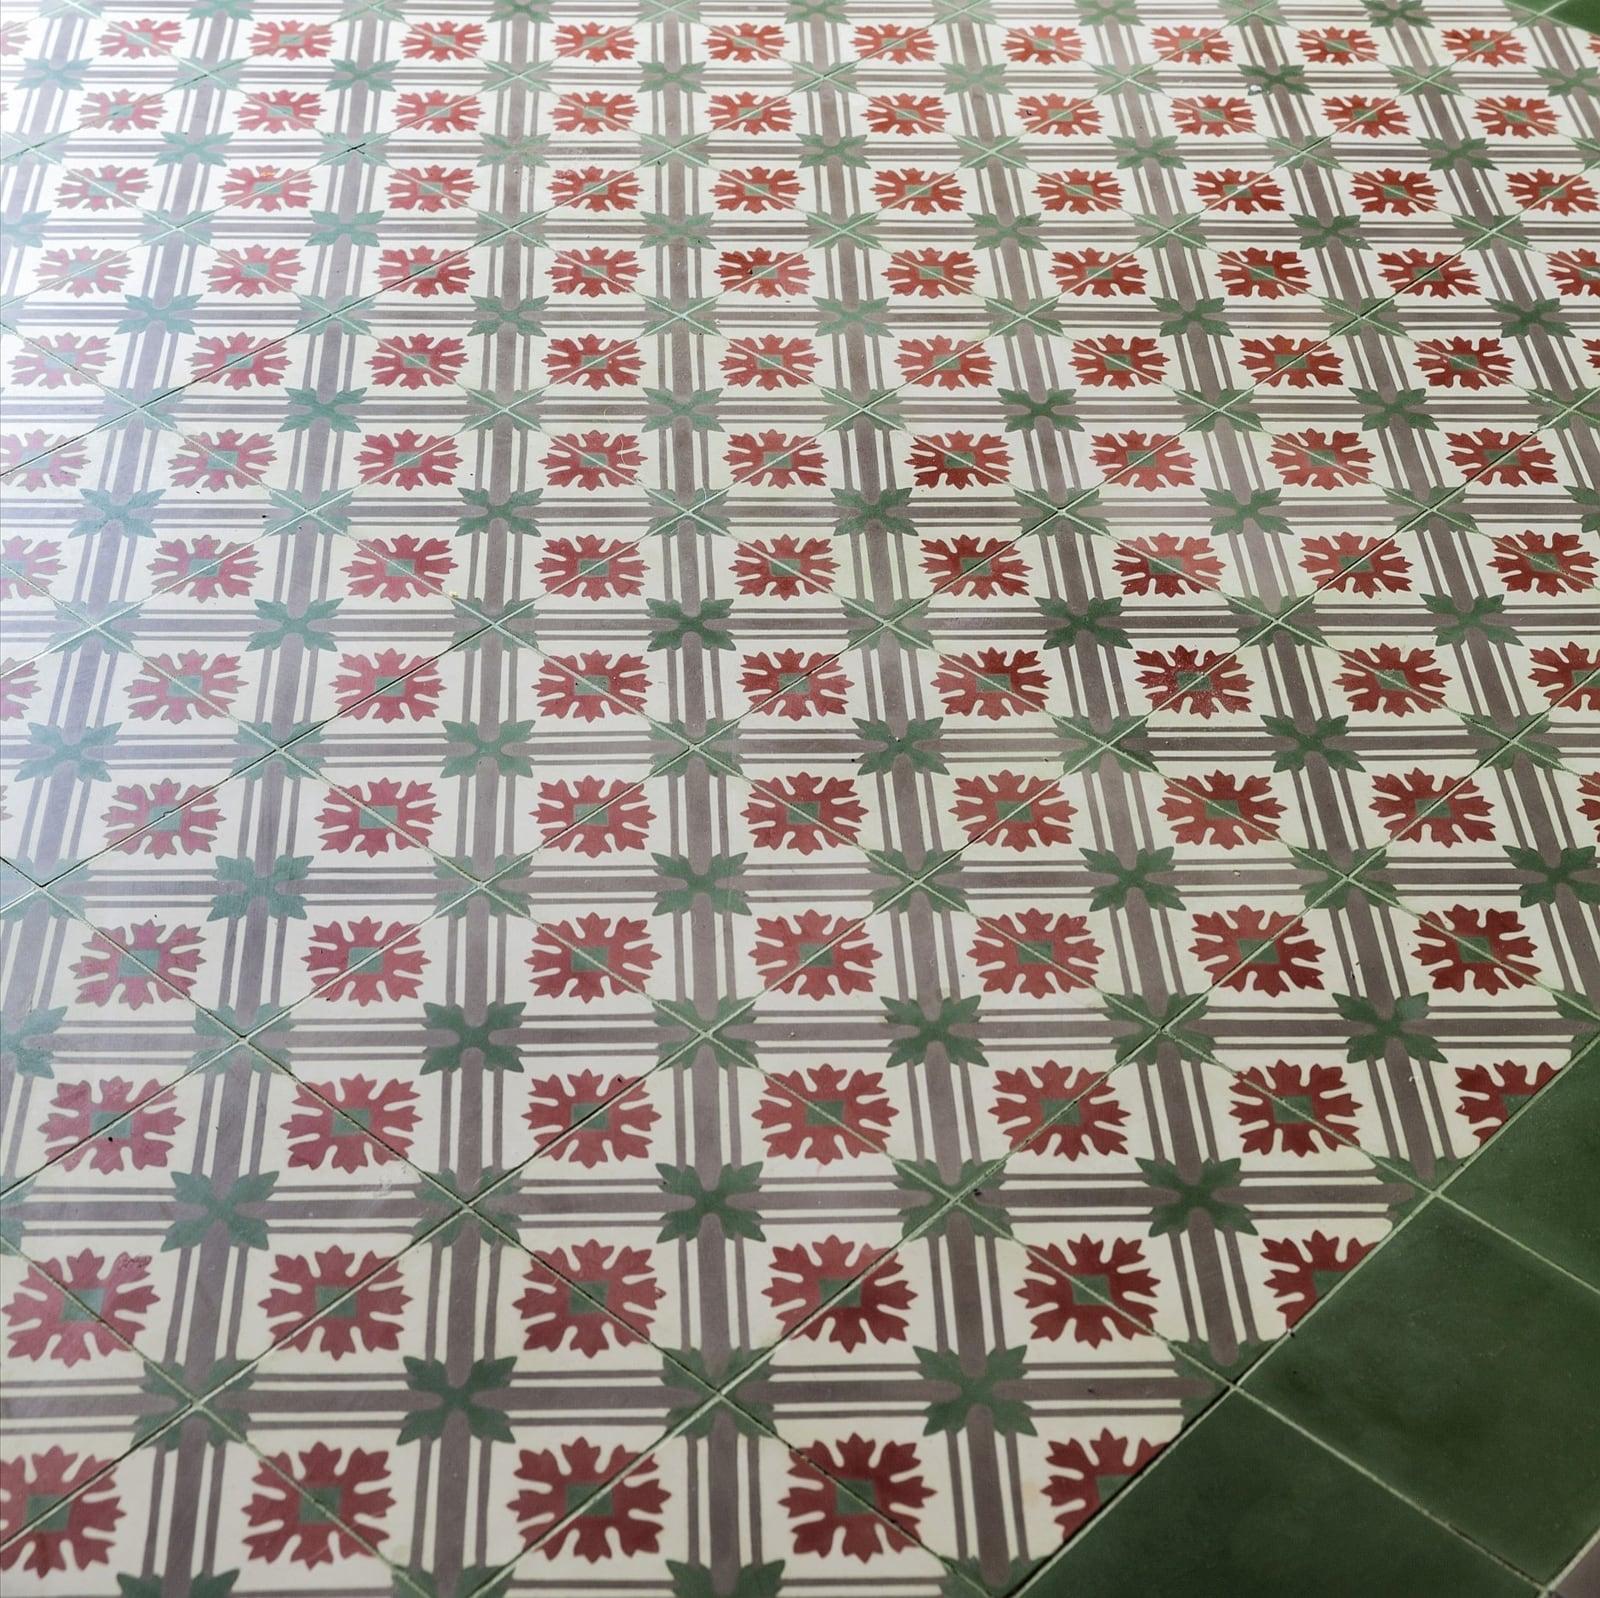 VIA-zementmosaikplatten-nummer-51007-32-kueche-foto-Materialix-ARTPLAY-viaplatten |